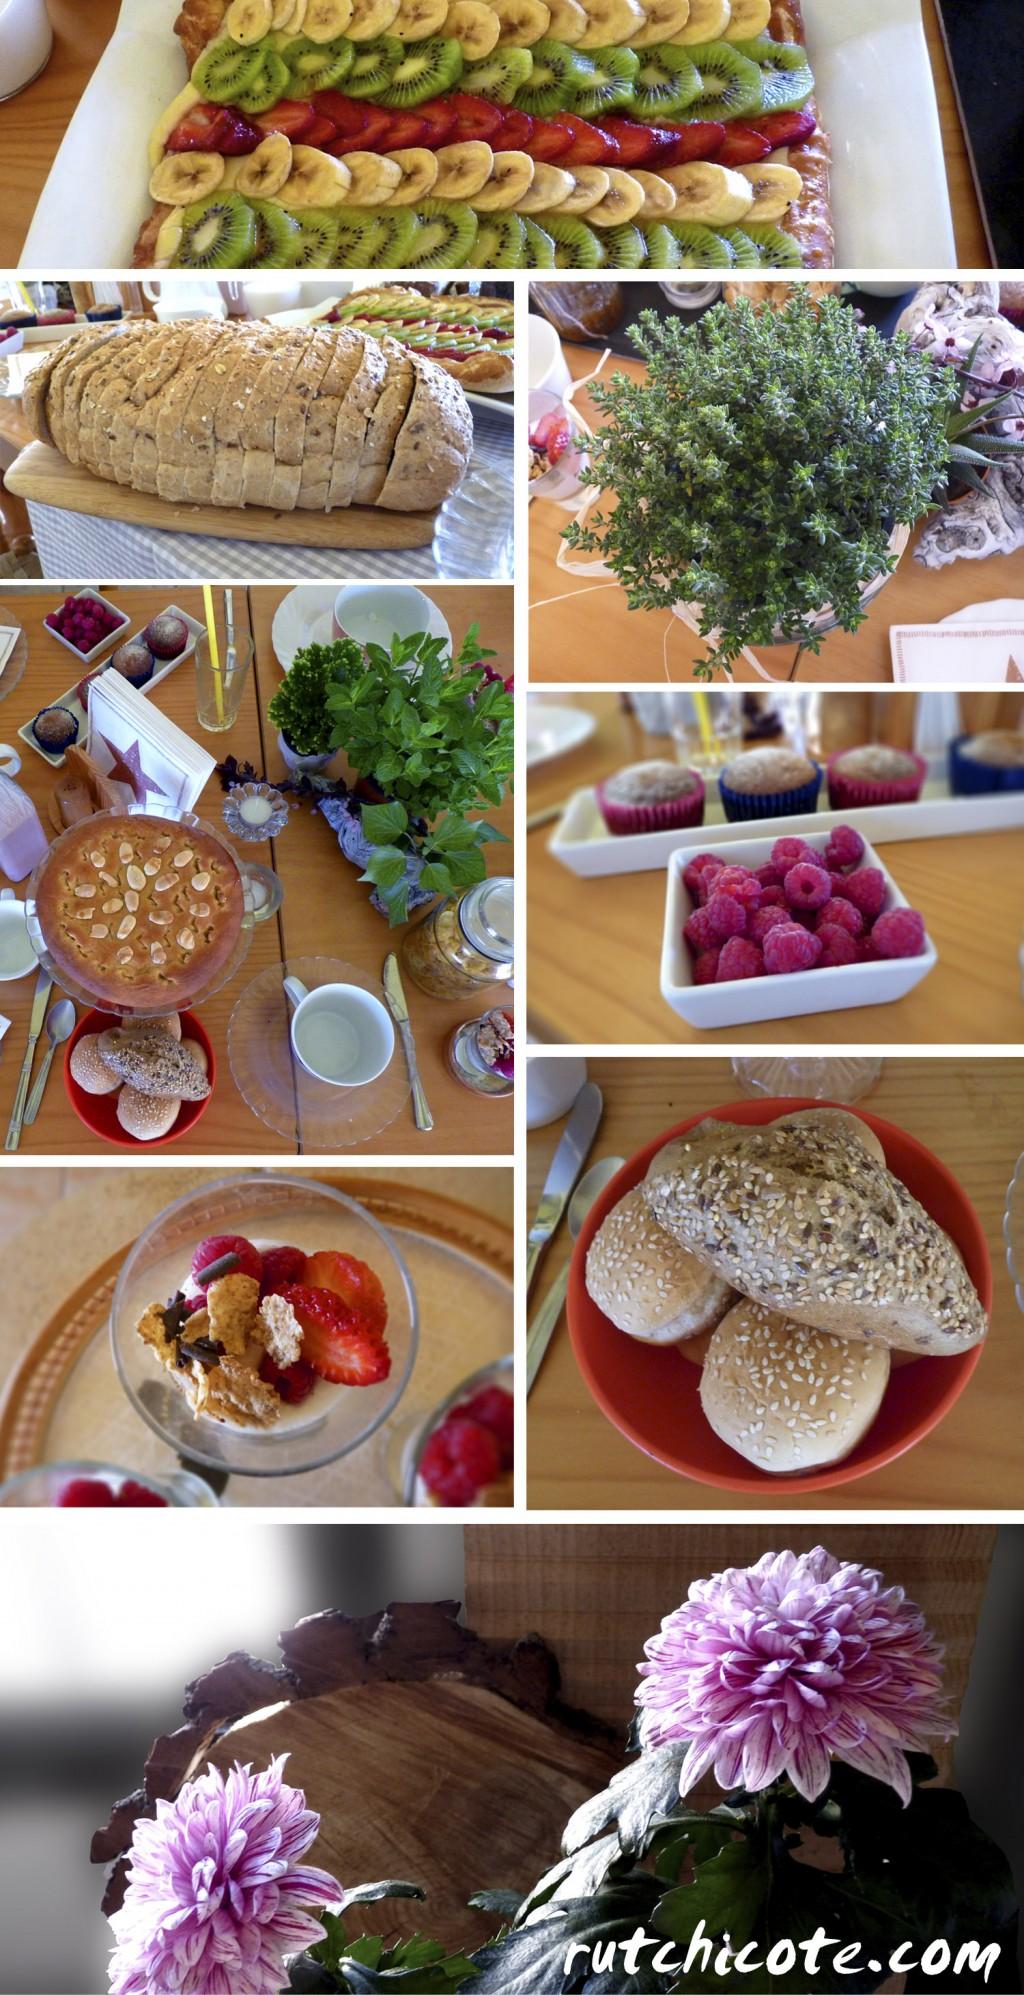 desayuno-familiar-completo-comida